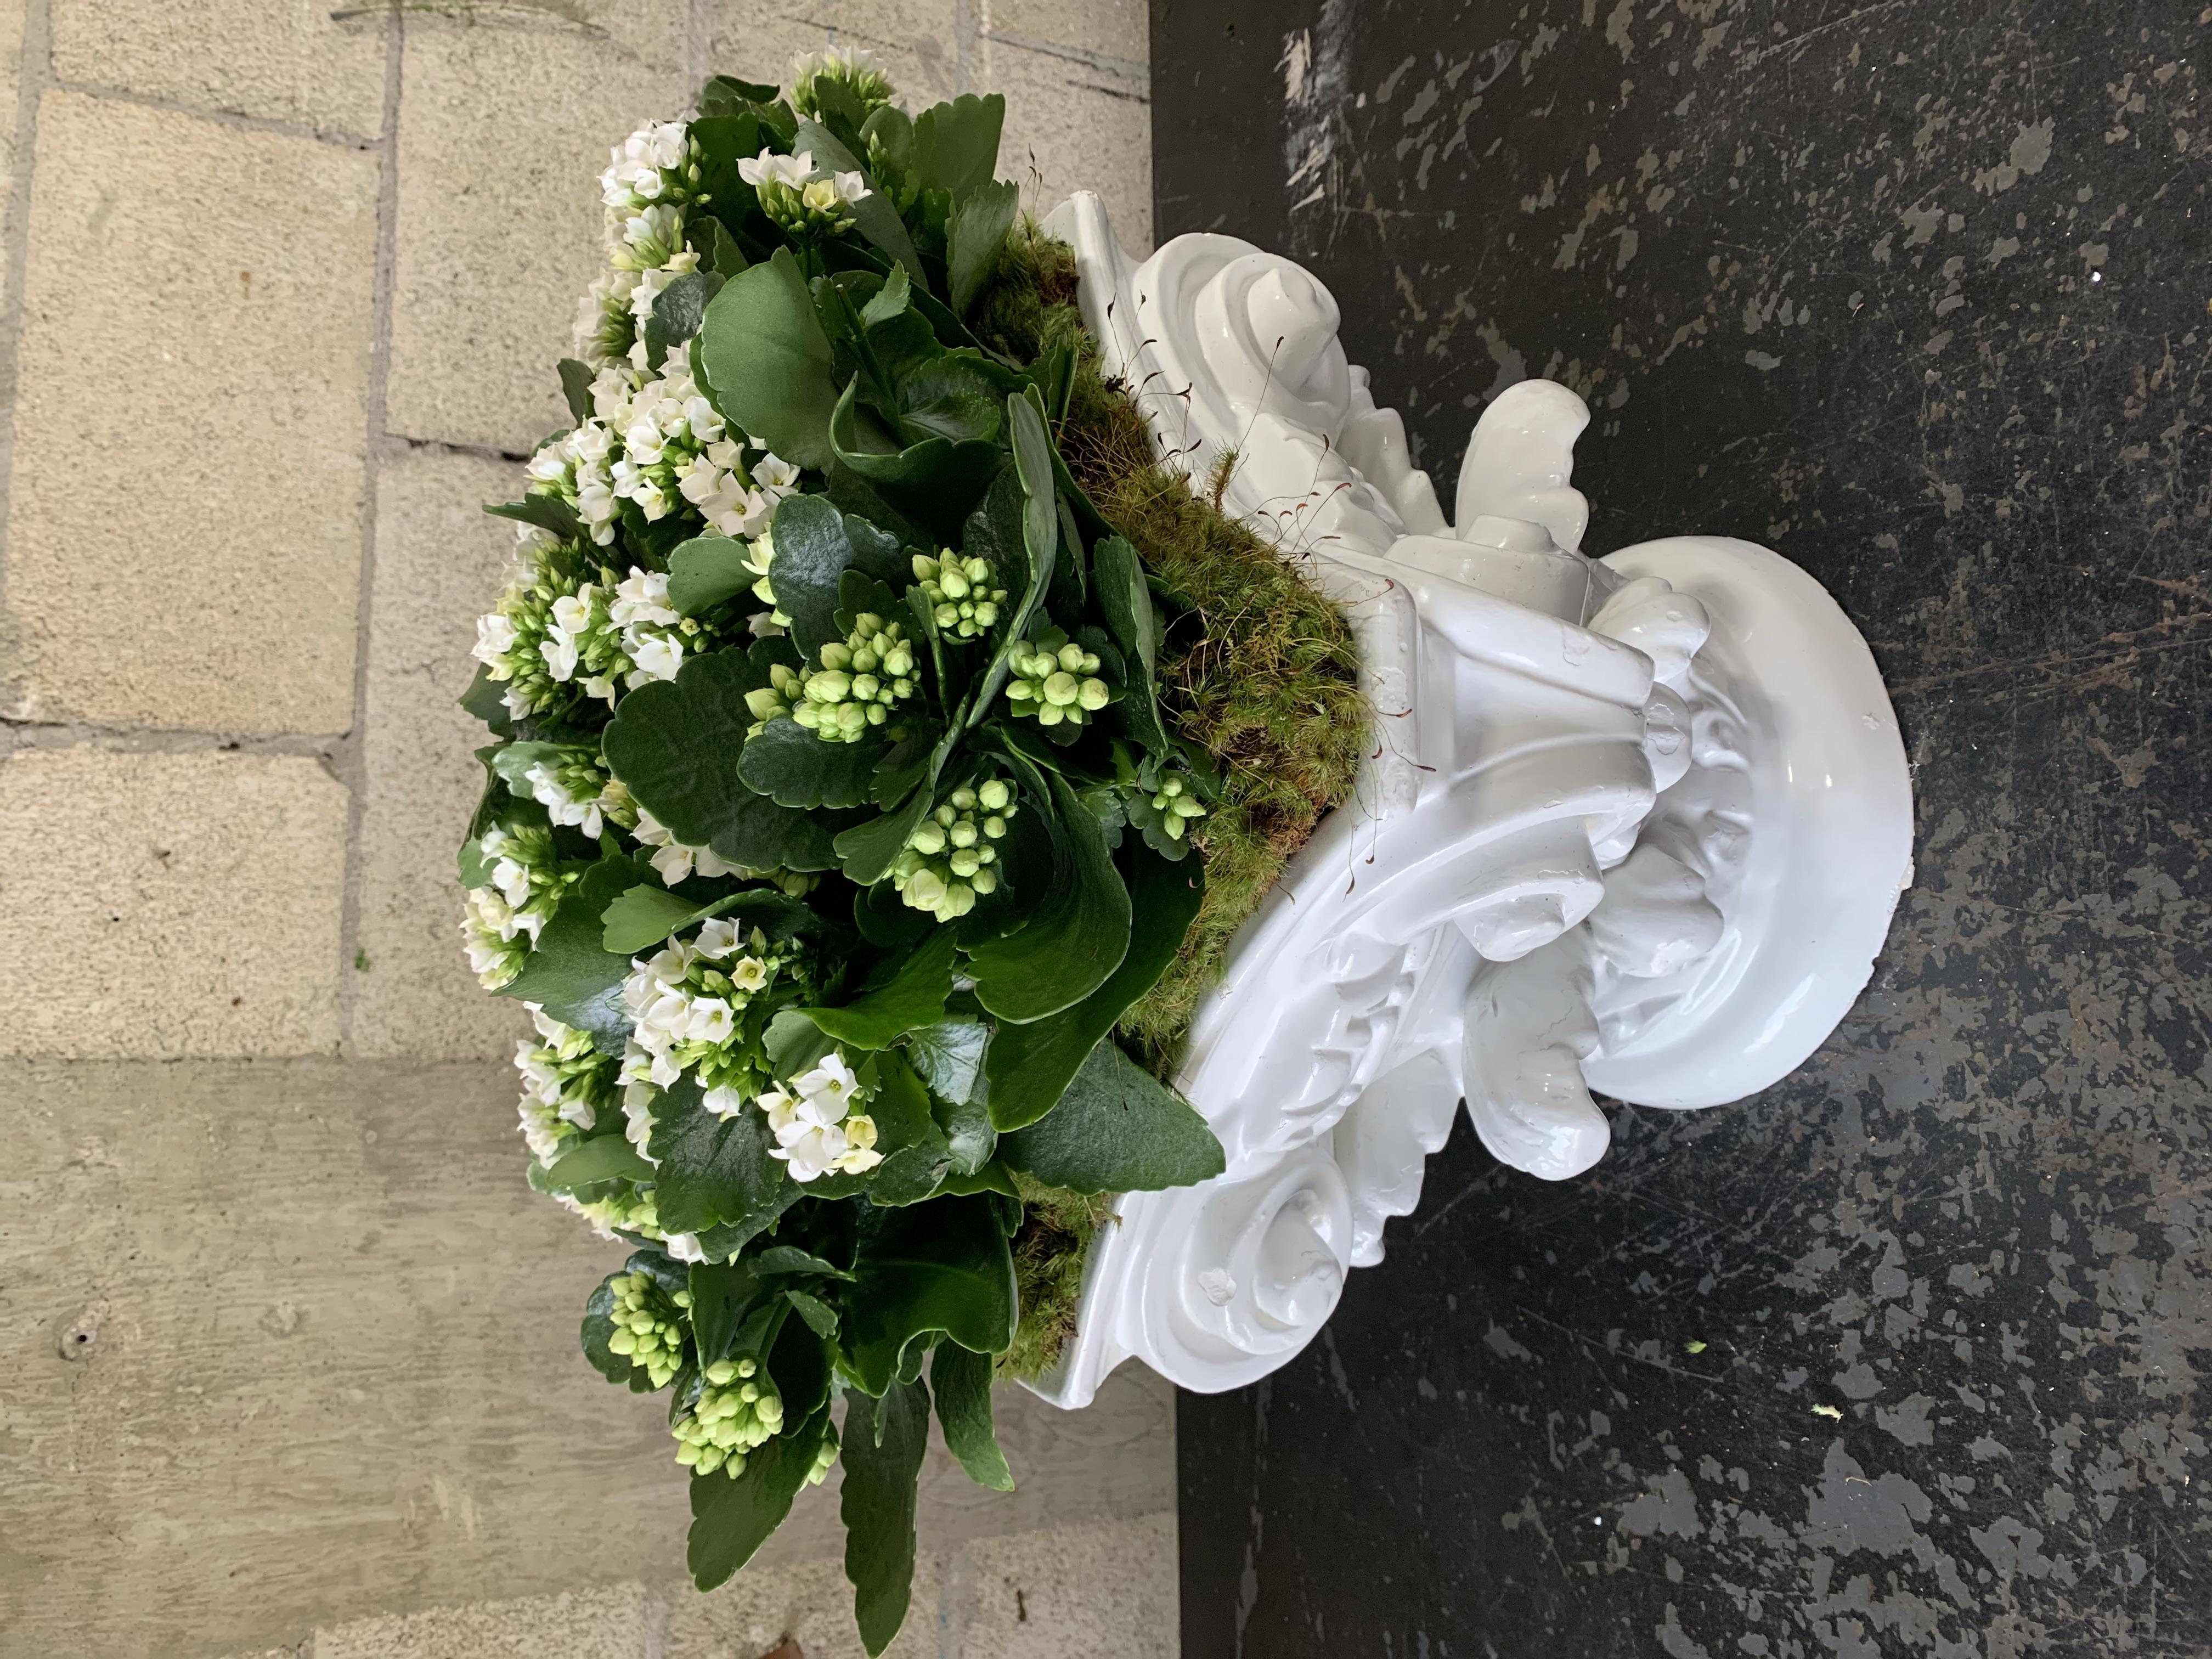 Ceramic Vase full of Green Velene's Floral